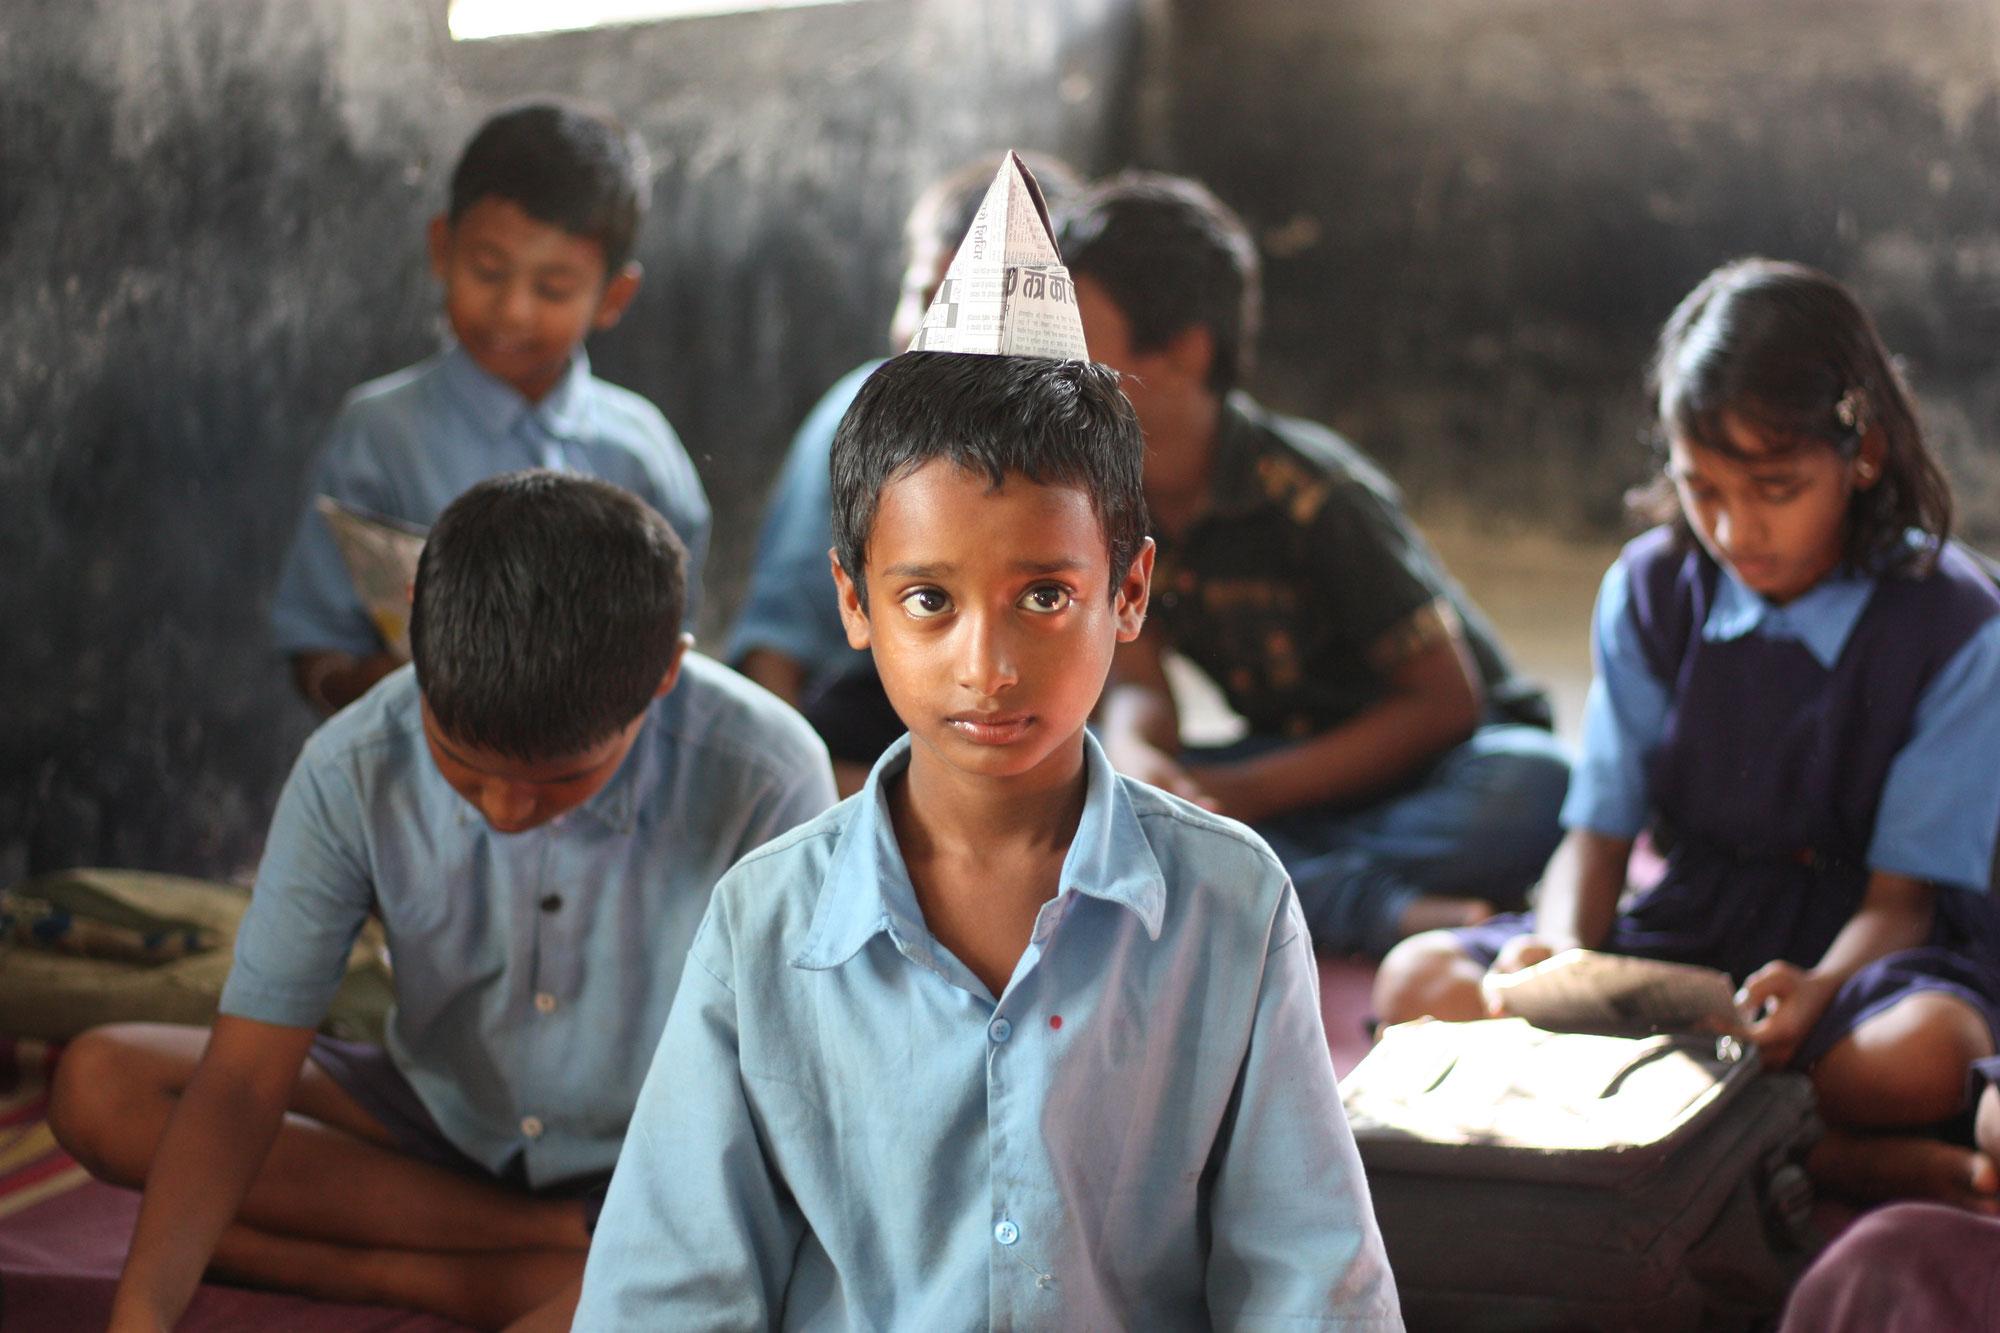 Corona-Pandemie in Indien: Die Lage ist dramatisch! Wie können Sie mit Fördermittelakquise helfen?